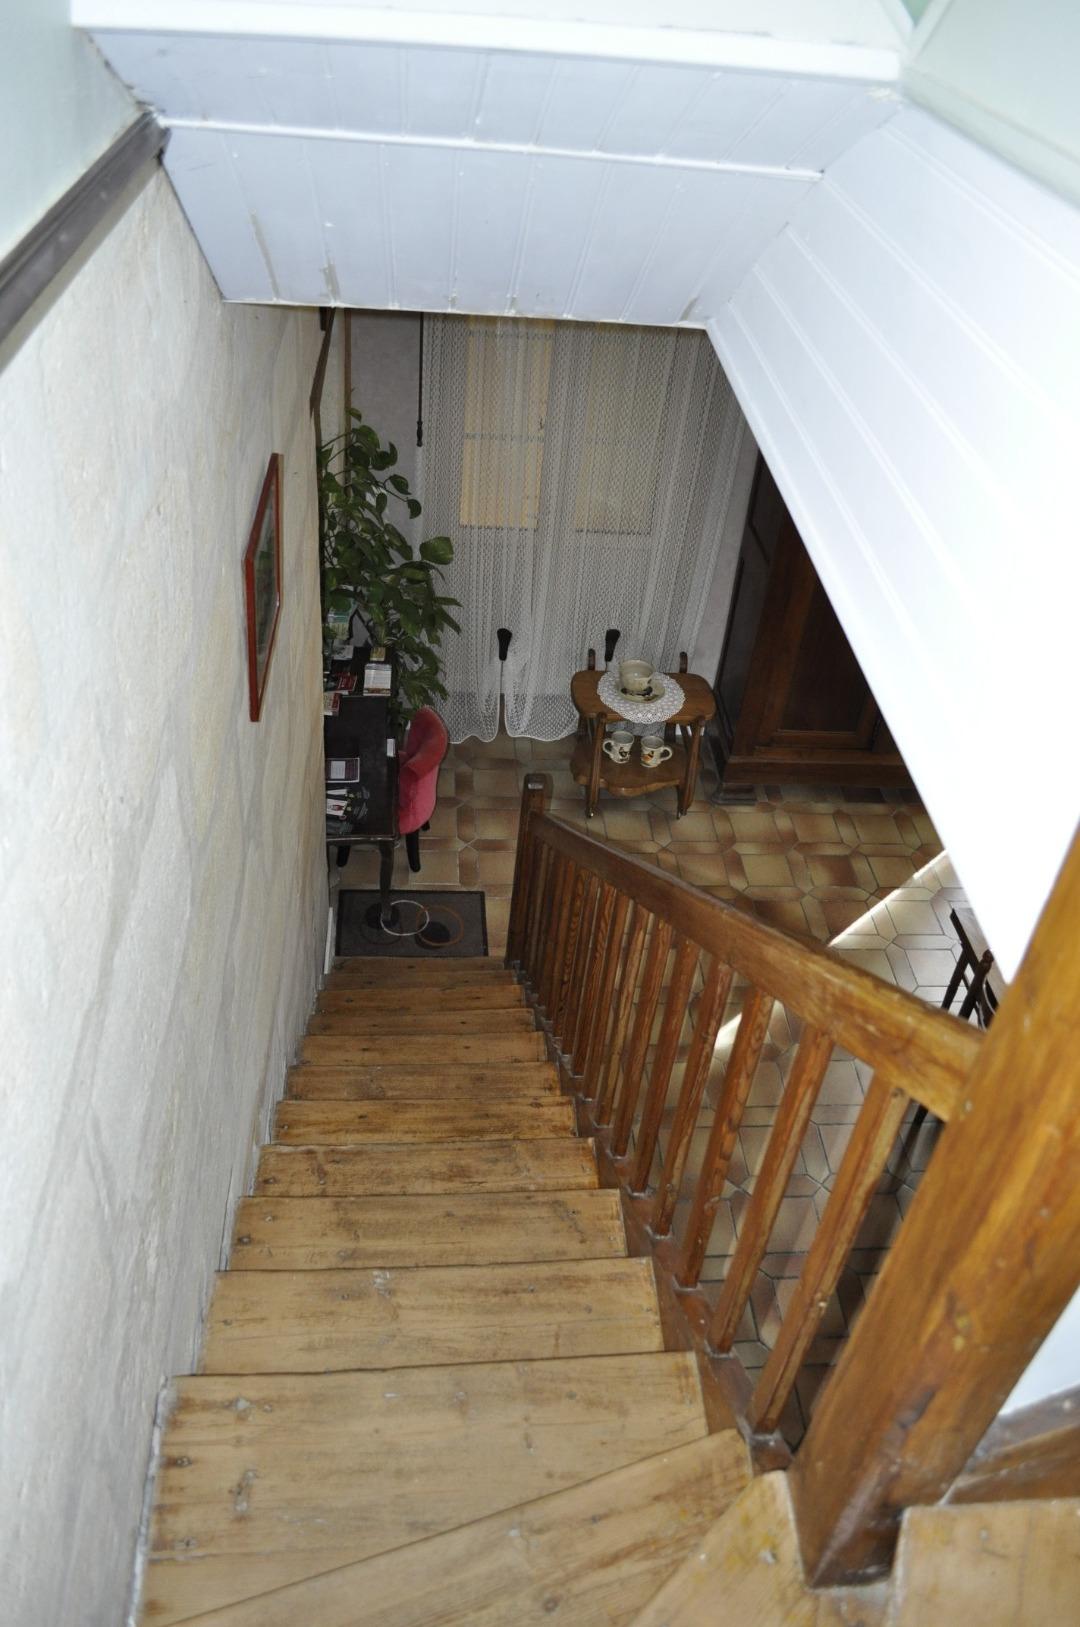 Location de chambre d'hôte à côté de Bordeaux